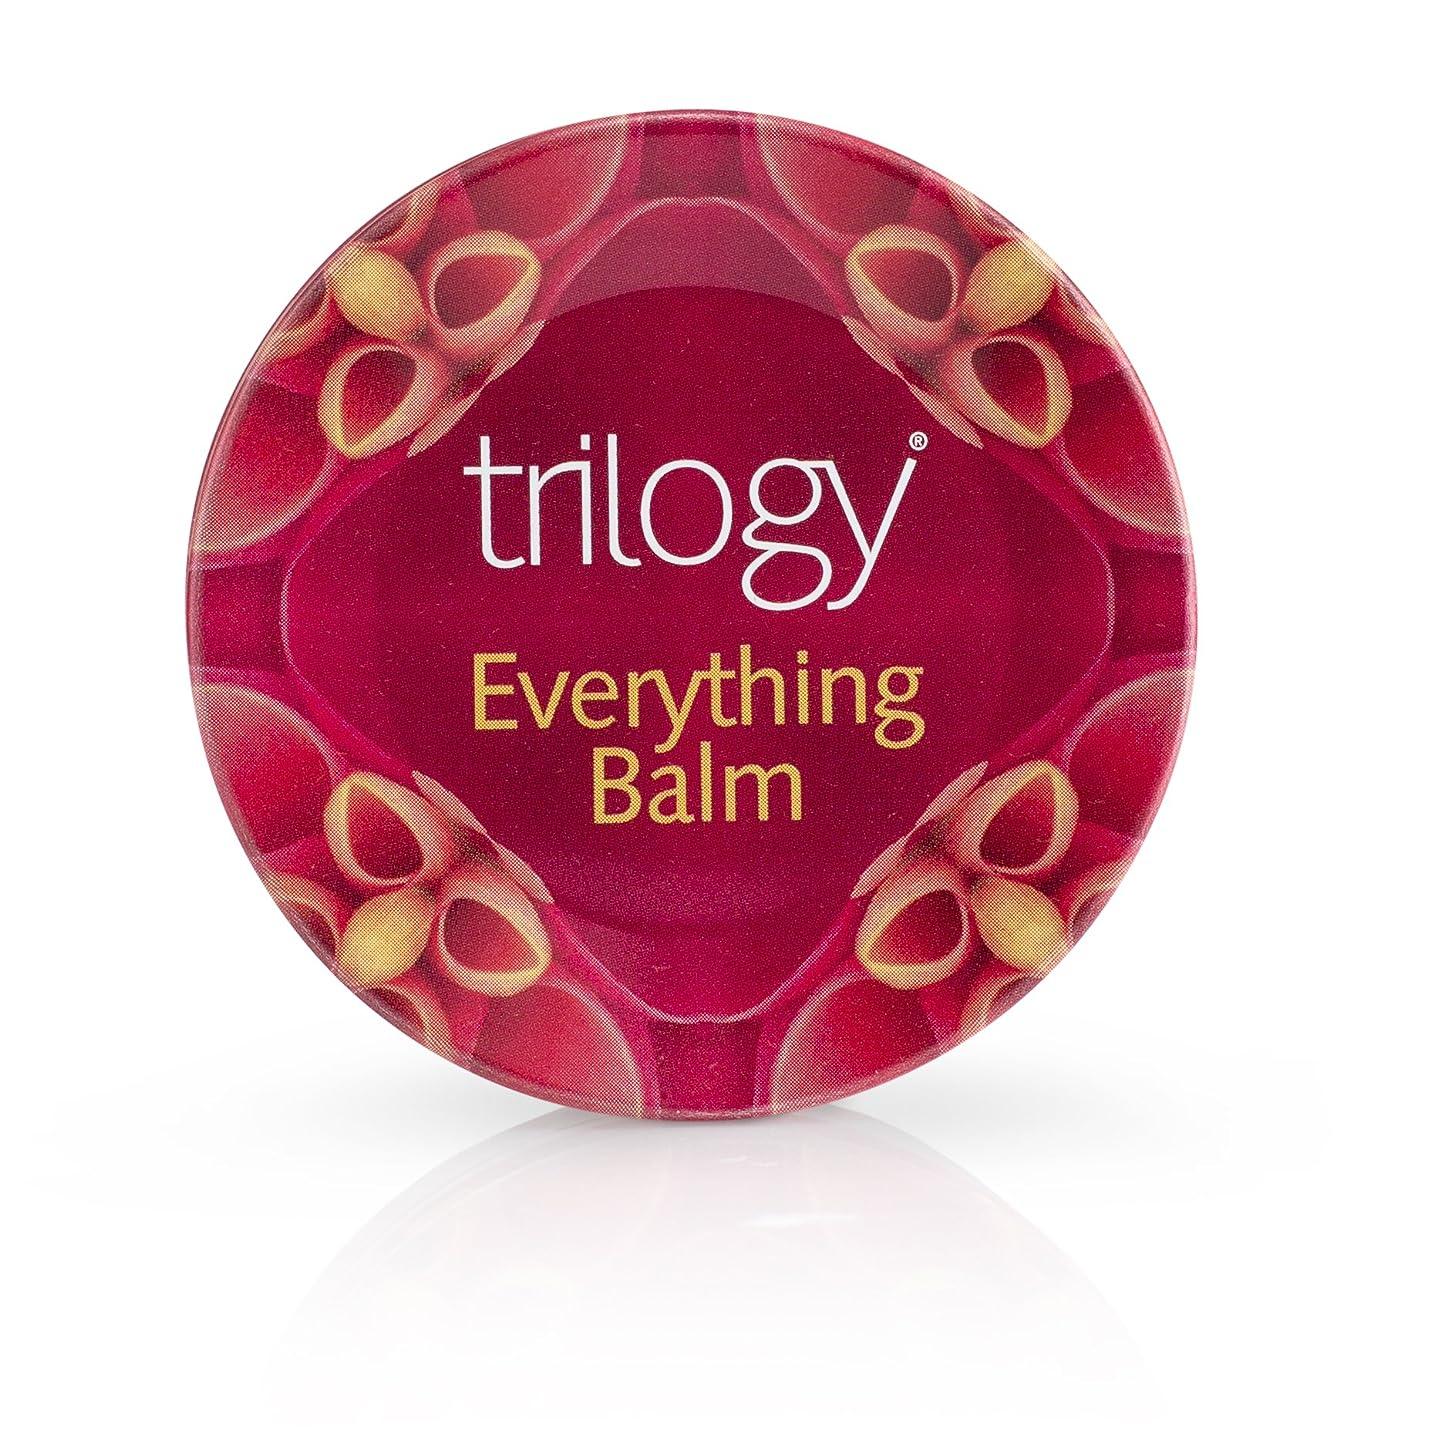 引き金寝てる五十トリロジー(trilogy) エブリシング バーム 〈全身用バーム〉 (95mL)